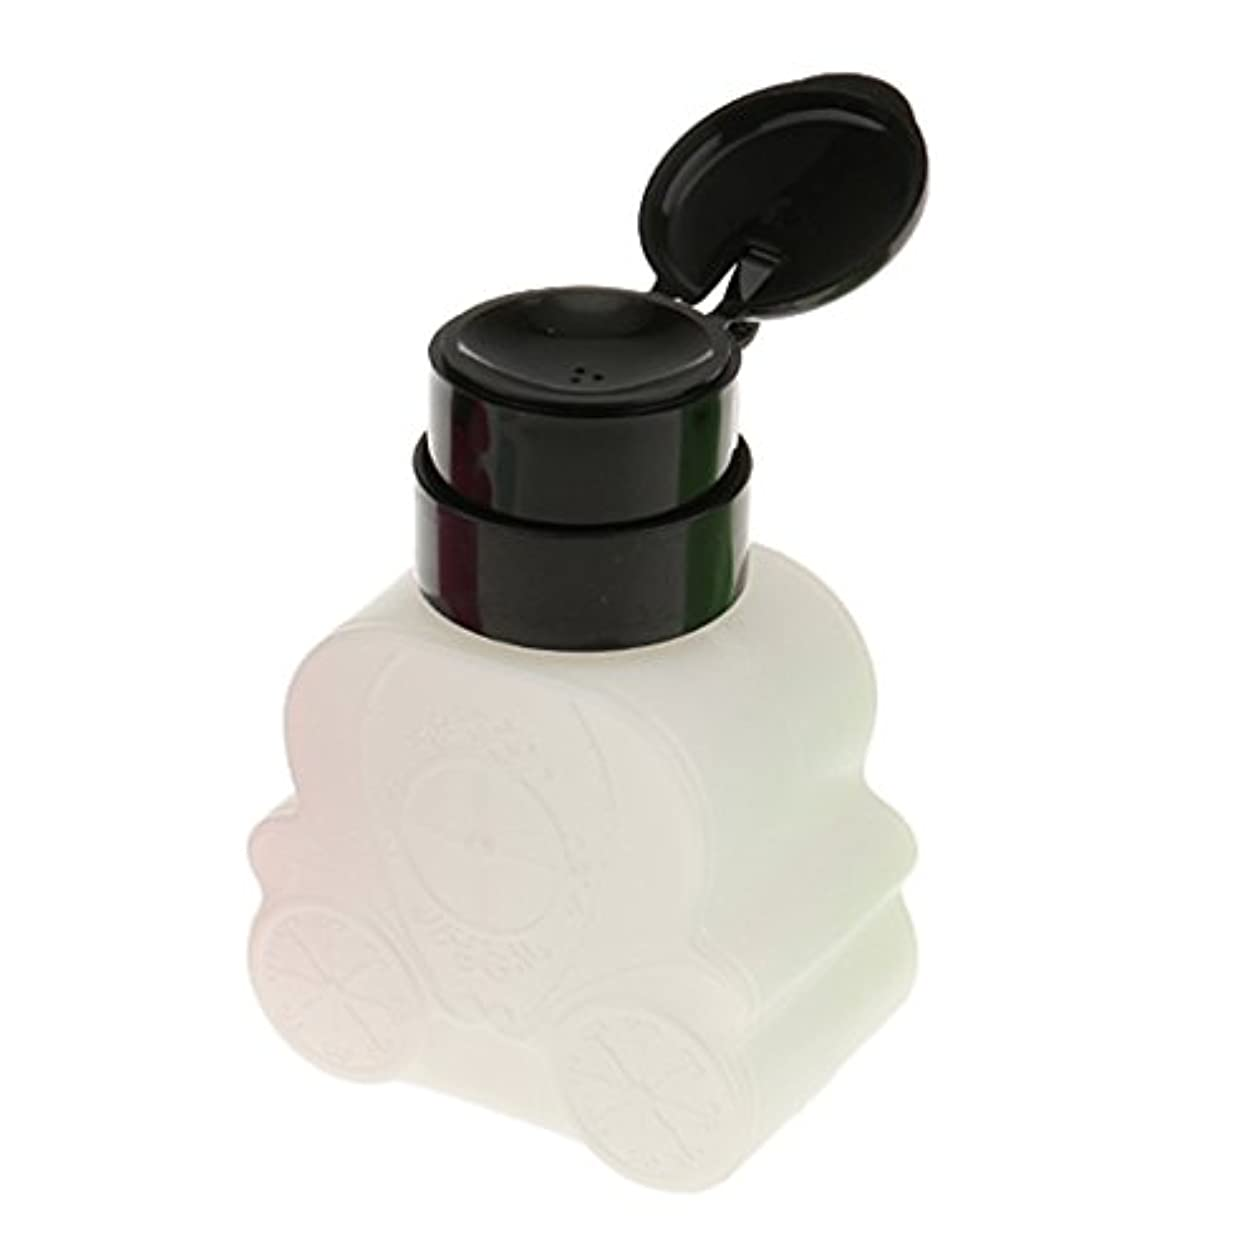 住所豚女優T TOOYFUL 空き瓶 空のプラスチックボトル 化粧品 空ボトル